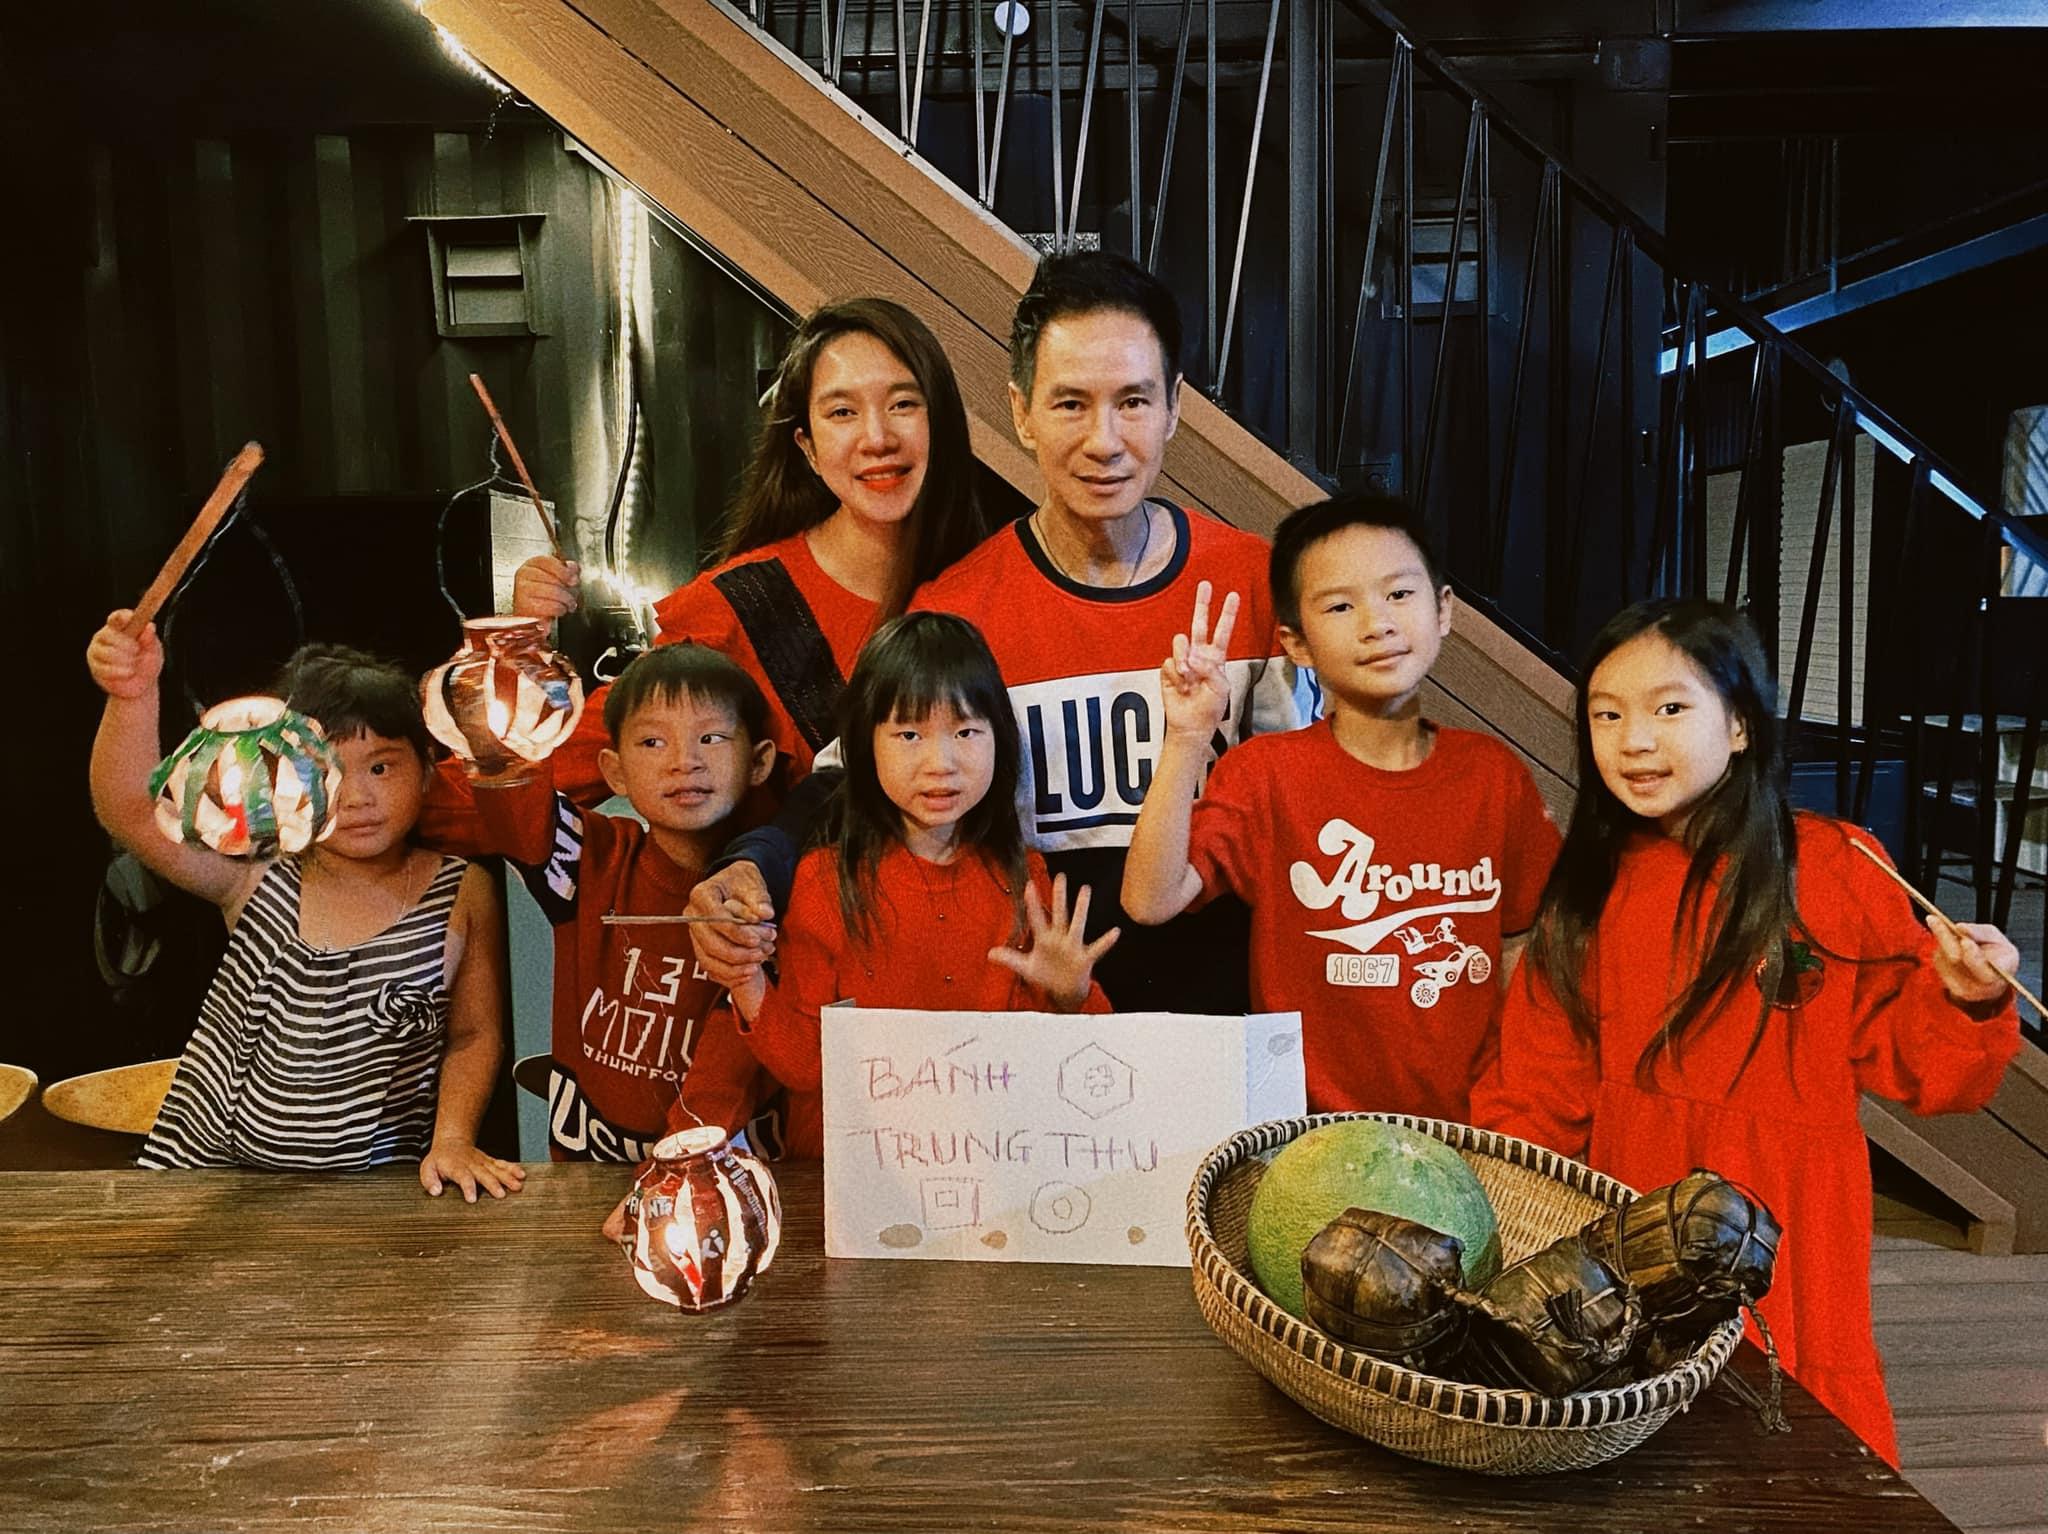 Những chiếc đèn bằng vỏ lon từng gắn bó với nhiều thế hệ trẻ em nông thôn Việt Nam thời kinh tế khó khó khăn nay trở thành món quà đặc biệt Lý Hải dành tặng các con trong bối cảnh dịch bệnh. Cả bốn nhóc tỳ đều hào hứng rước đèn dưới ánh trăng Trung thu trong rừng.